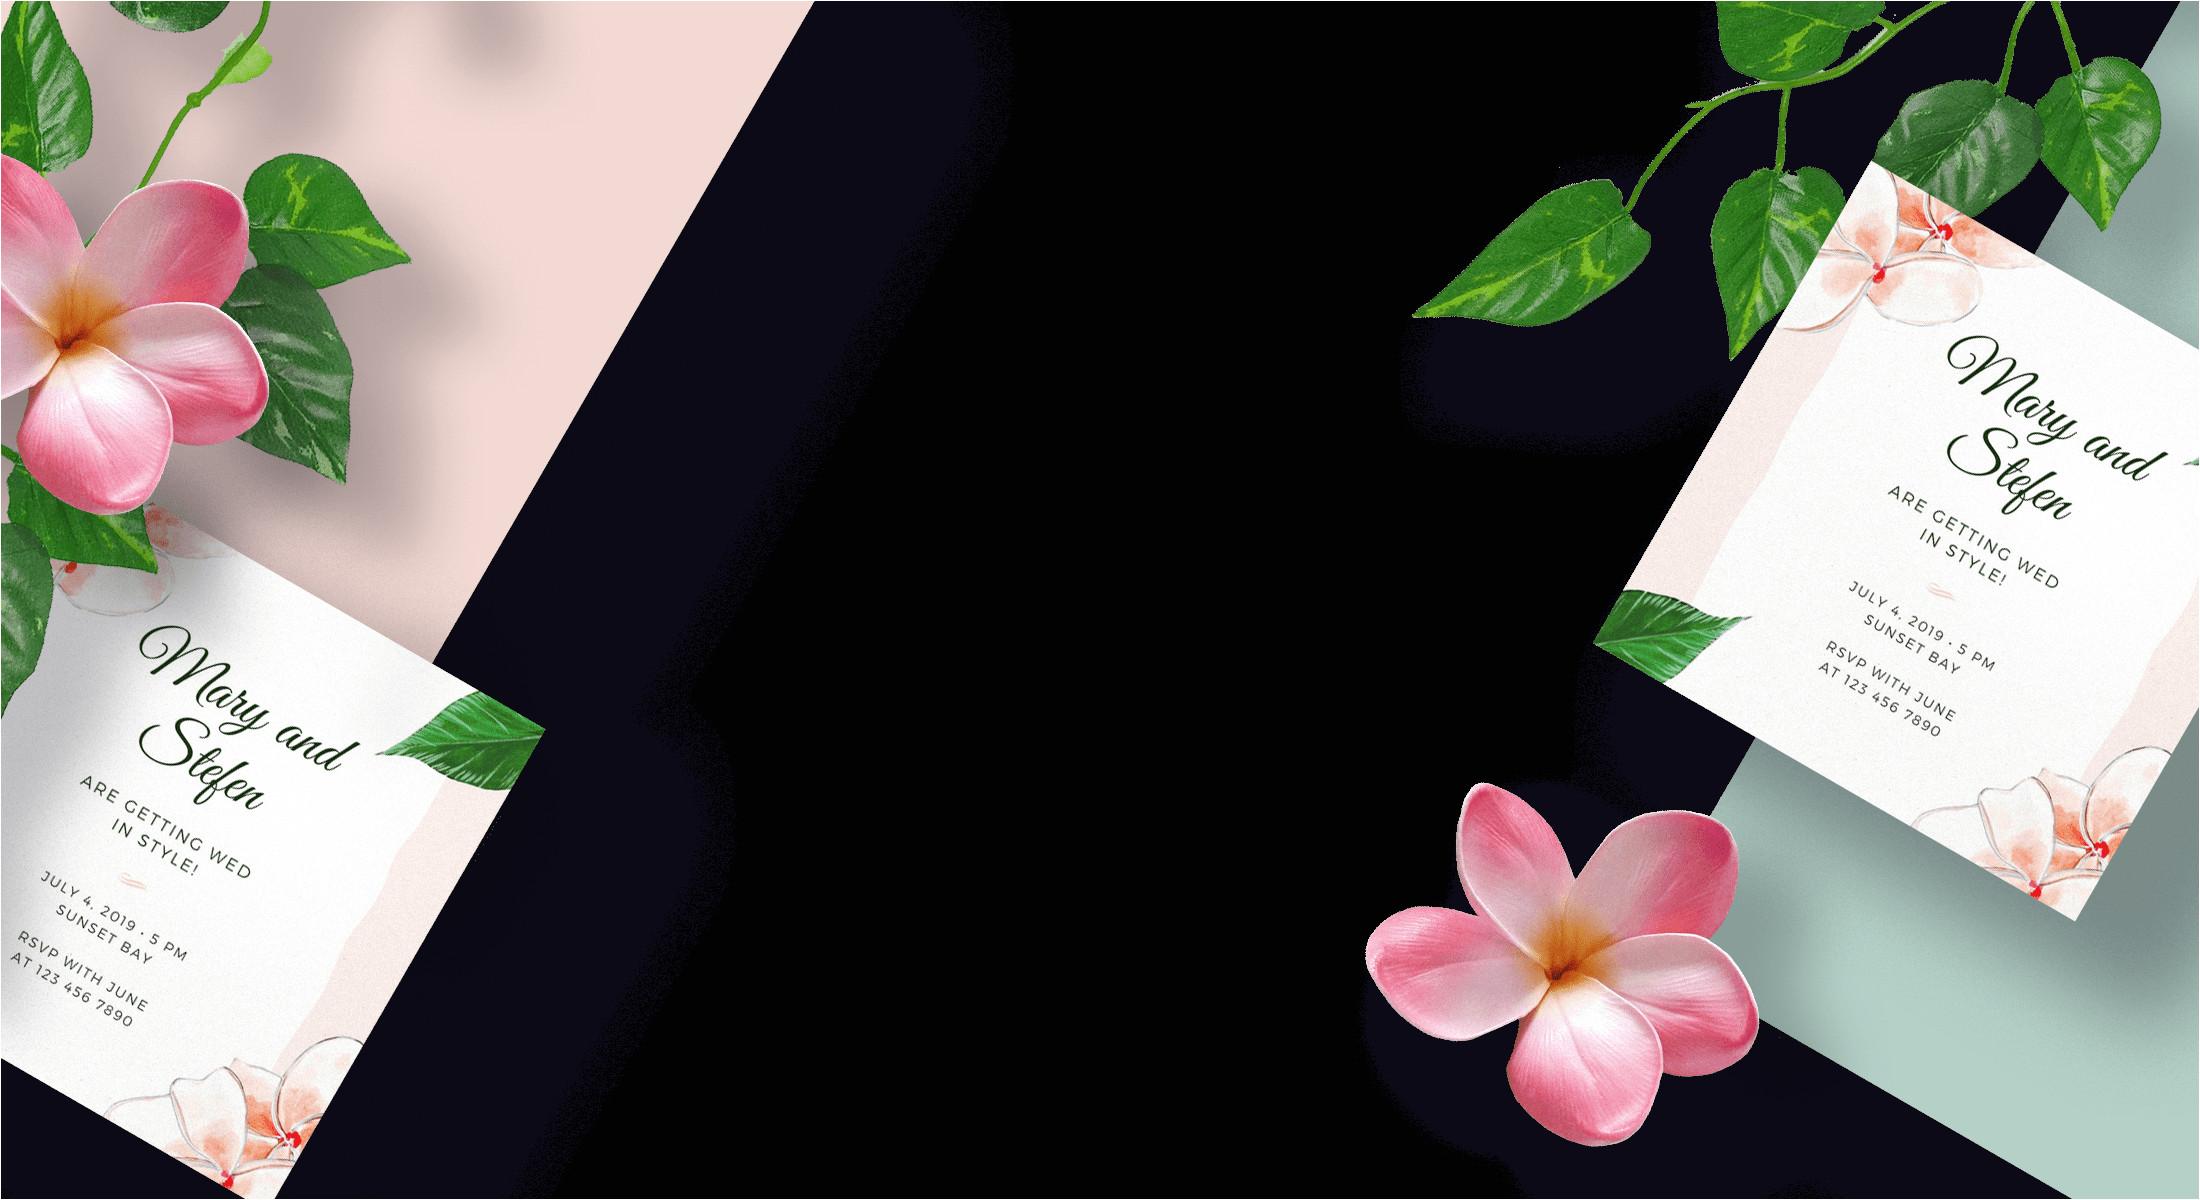 Marriage Card Ka Kya Banaye Wedding Invitation Size Guide Canva S Design Wiki